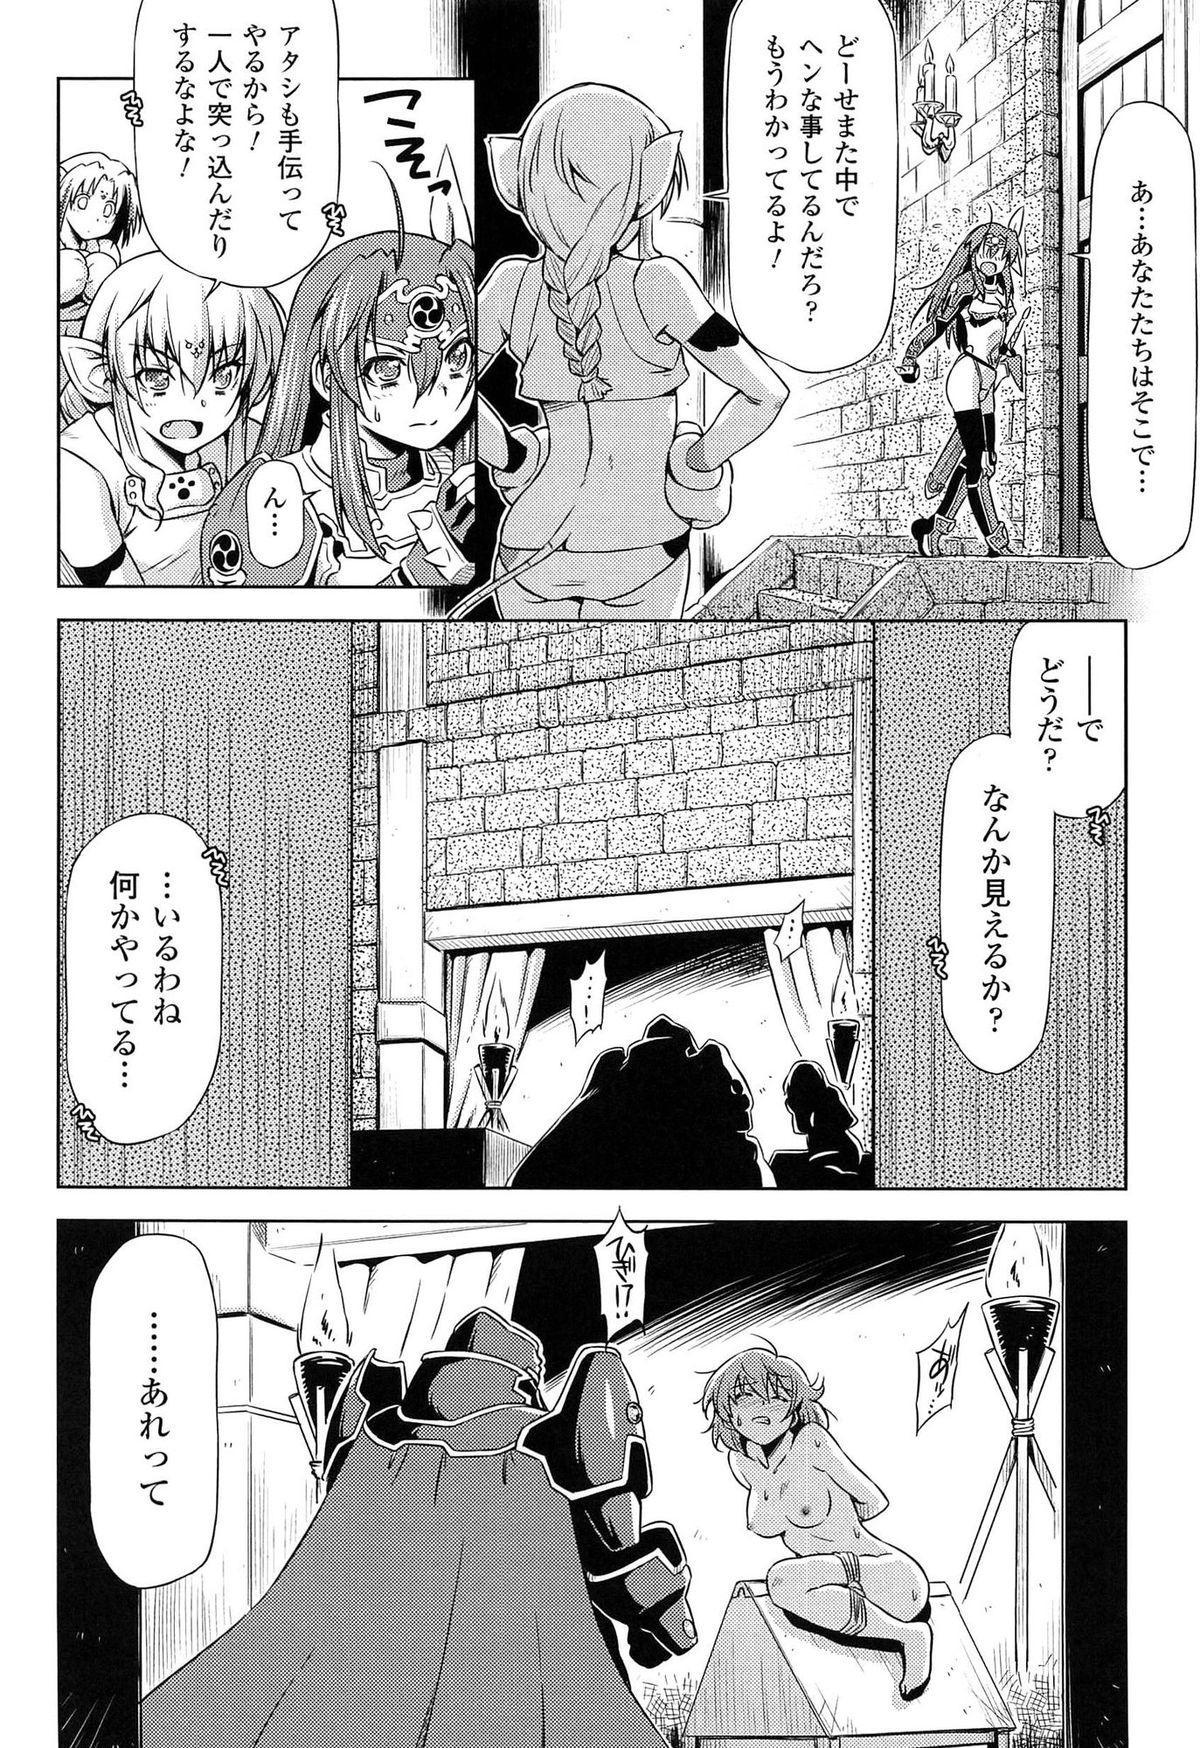 [kazuma muramasa, ZyX] Ikazuchi no Senshi Raidy ~Haja no Raikou~ THE COMIC 163